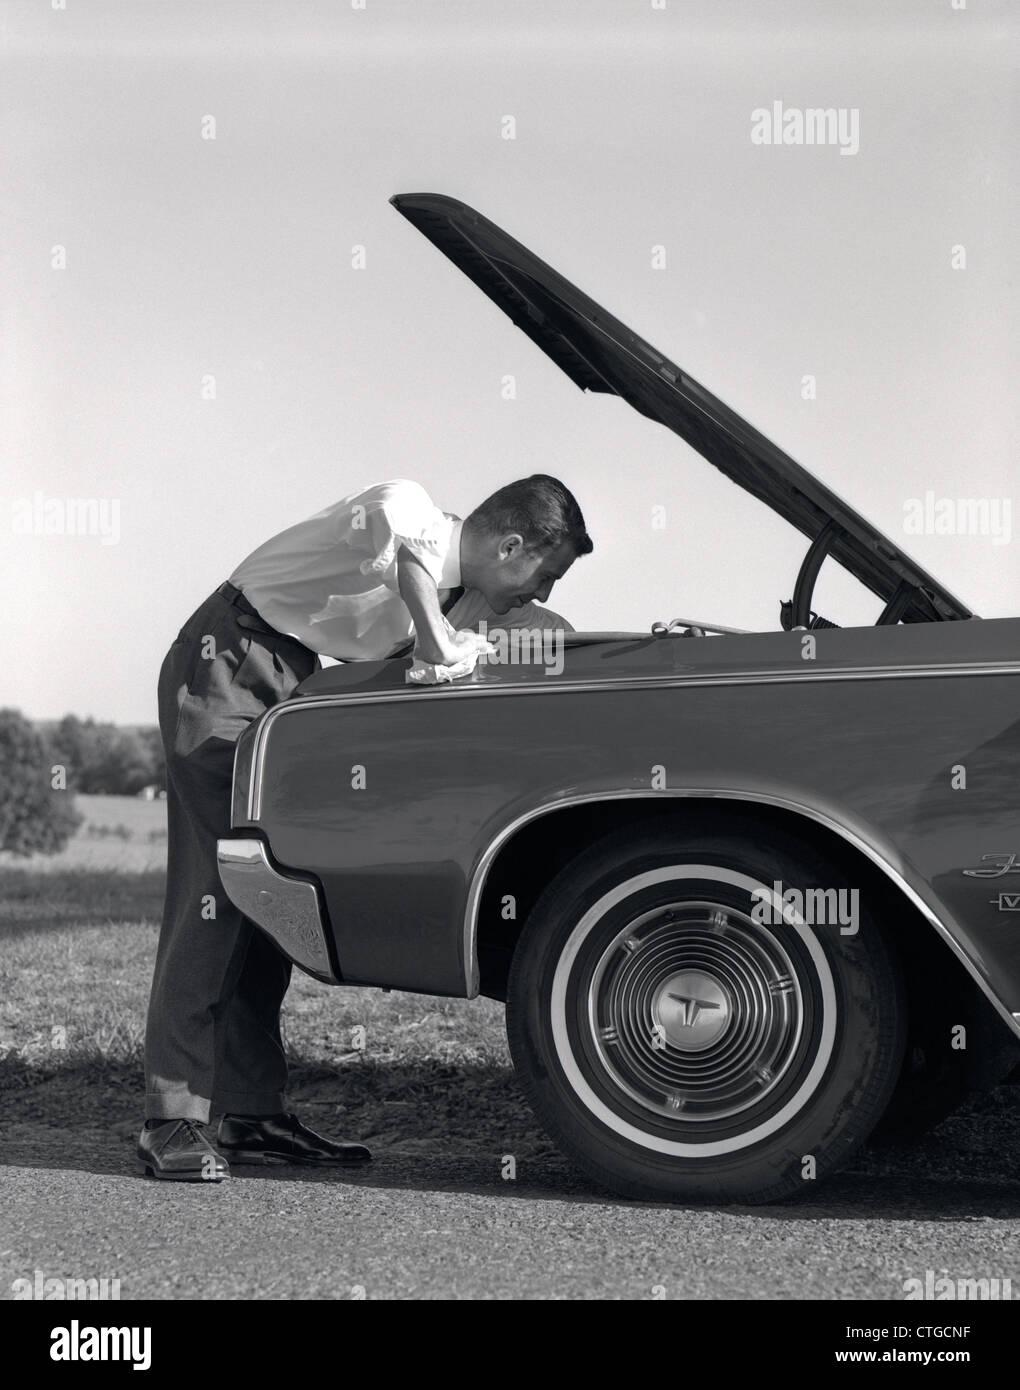 1960ER JAHREN SEITENANSICHT DER MANN IM HEMD & KRAWATTE SUCHEN UNTER HAUBE DES AUTOS AM STRAßENRAND HOCHGEZOGEN Stockbild